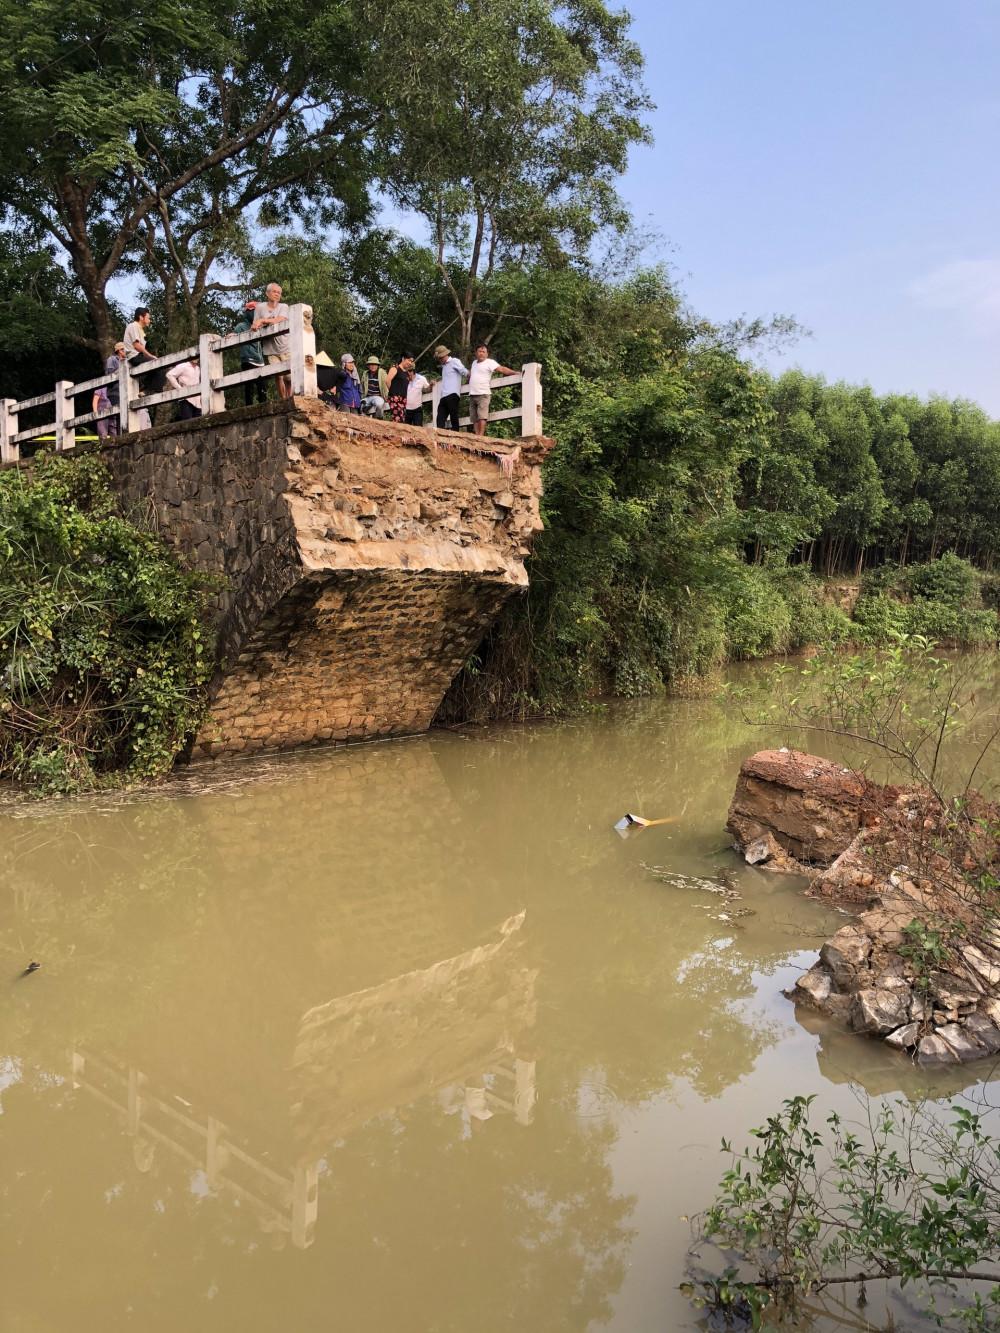 Cây cầu Kênh bị sập khiến cuộc sống của 178 hộ dân thôn Tân Định gặp nhiều khó khăn